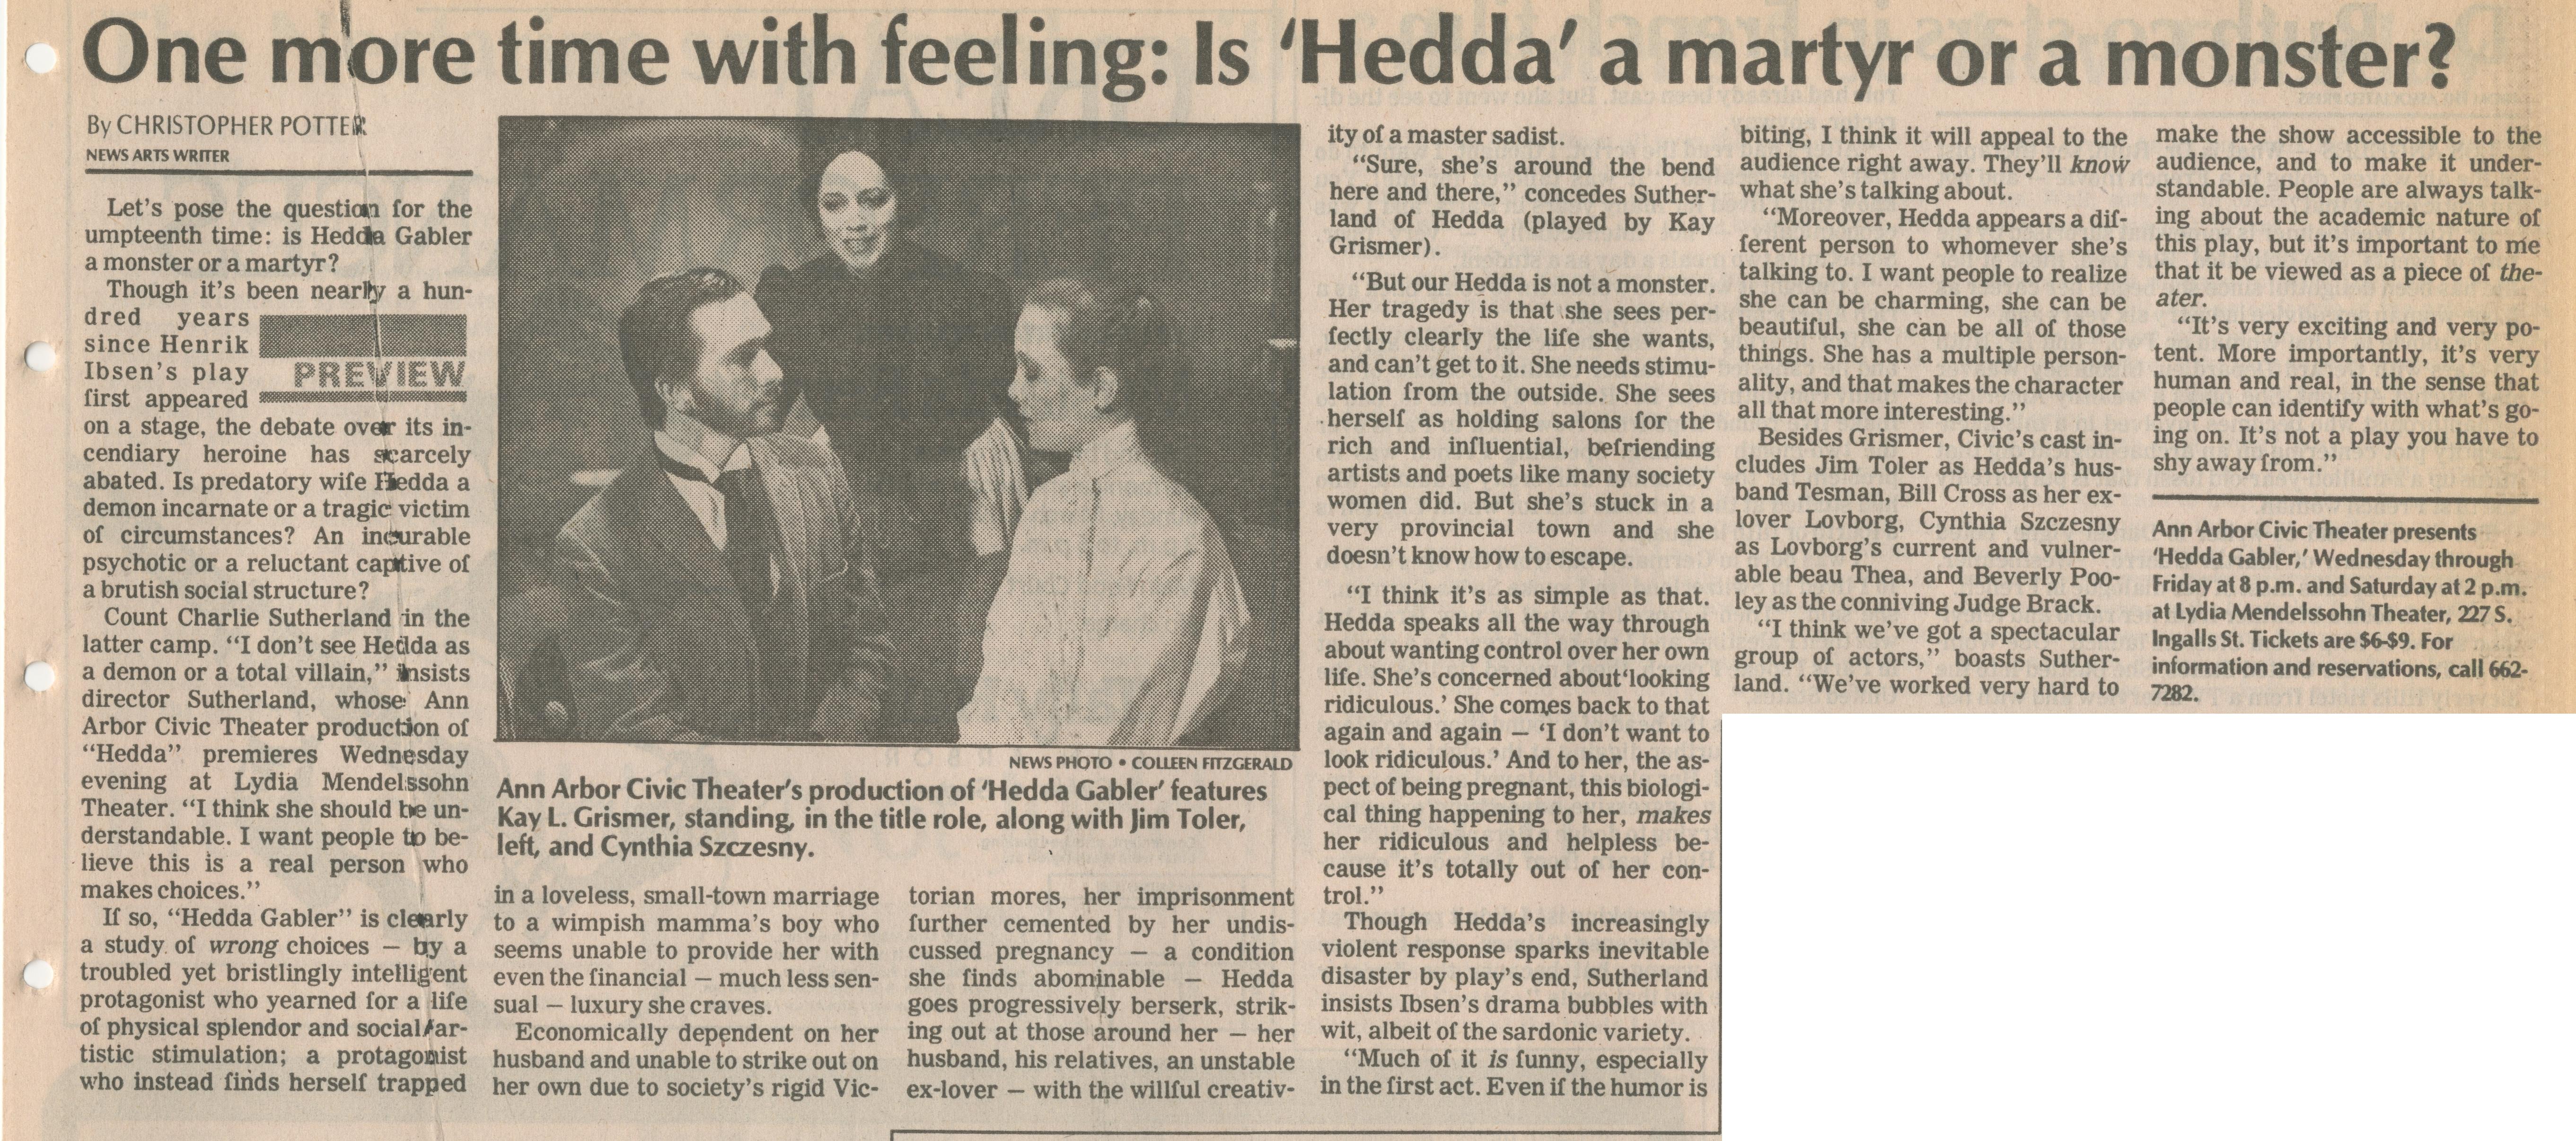 hedda gabler response questions